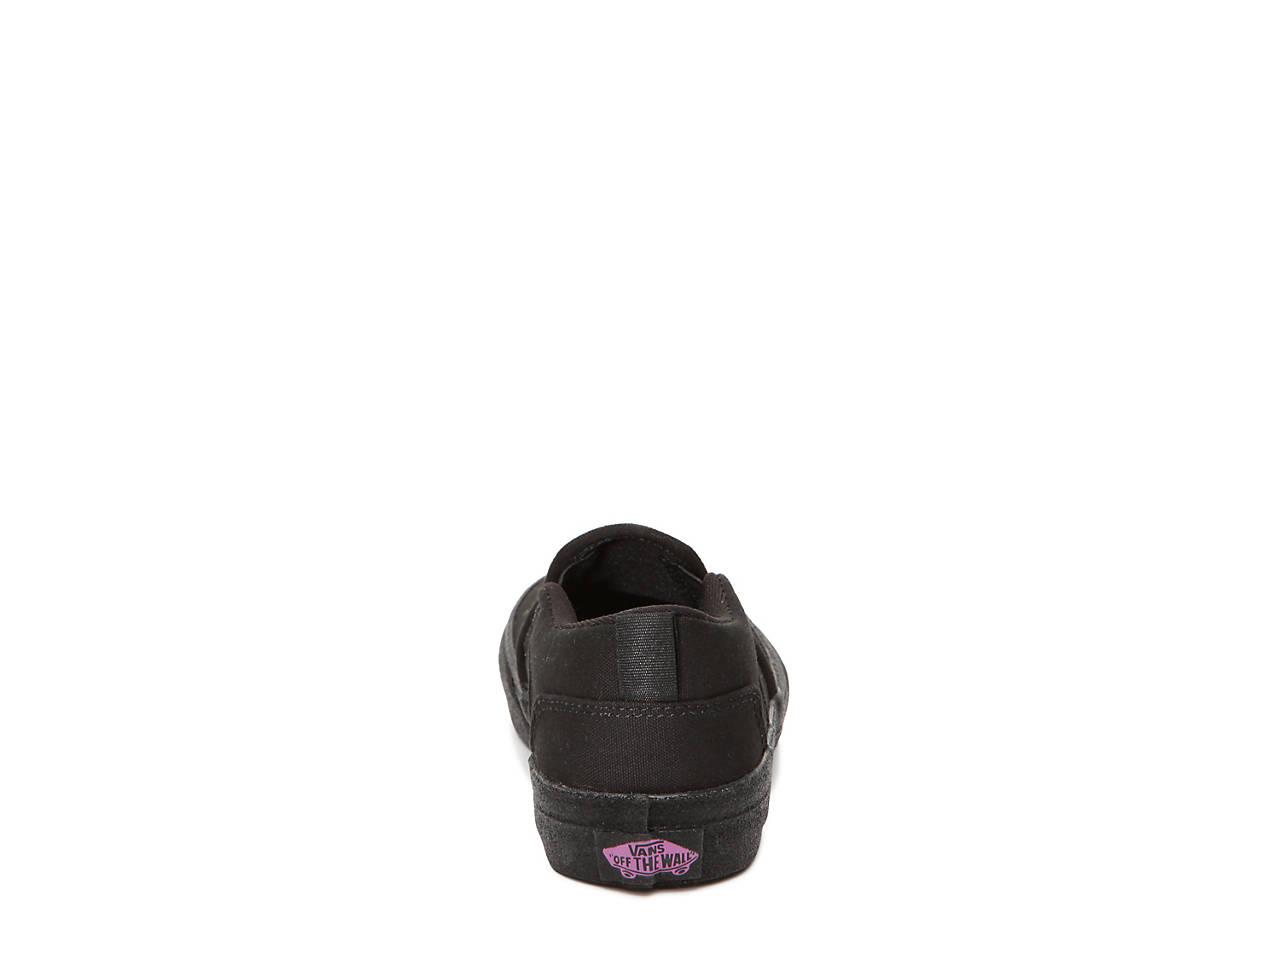 d2efd369fc1 Vans Asher Glitter Toddler   Youth Slip-On Sneaker Kids Shoes